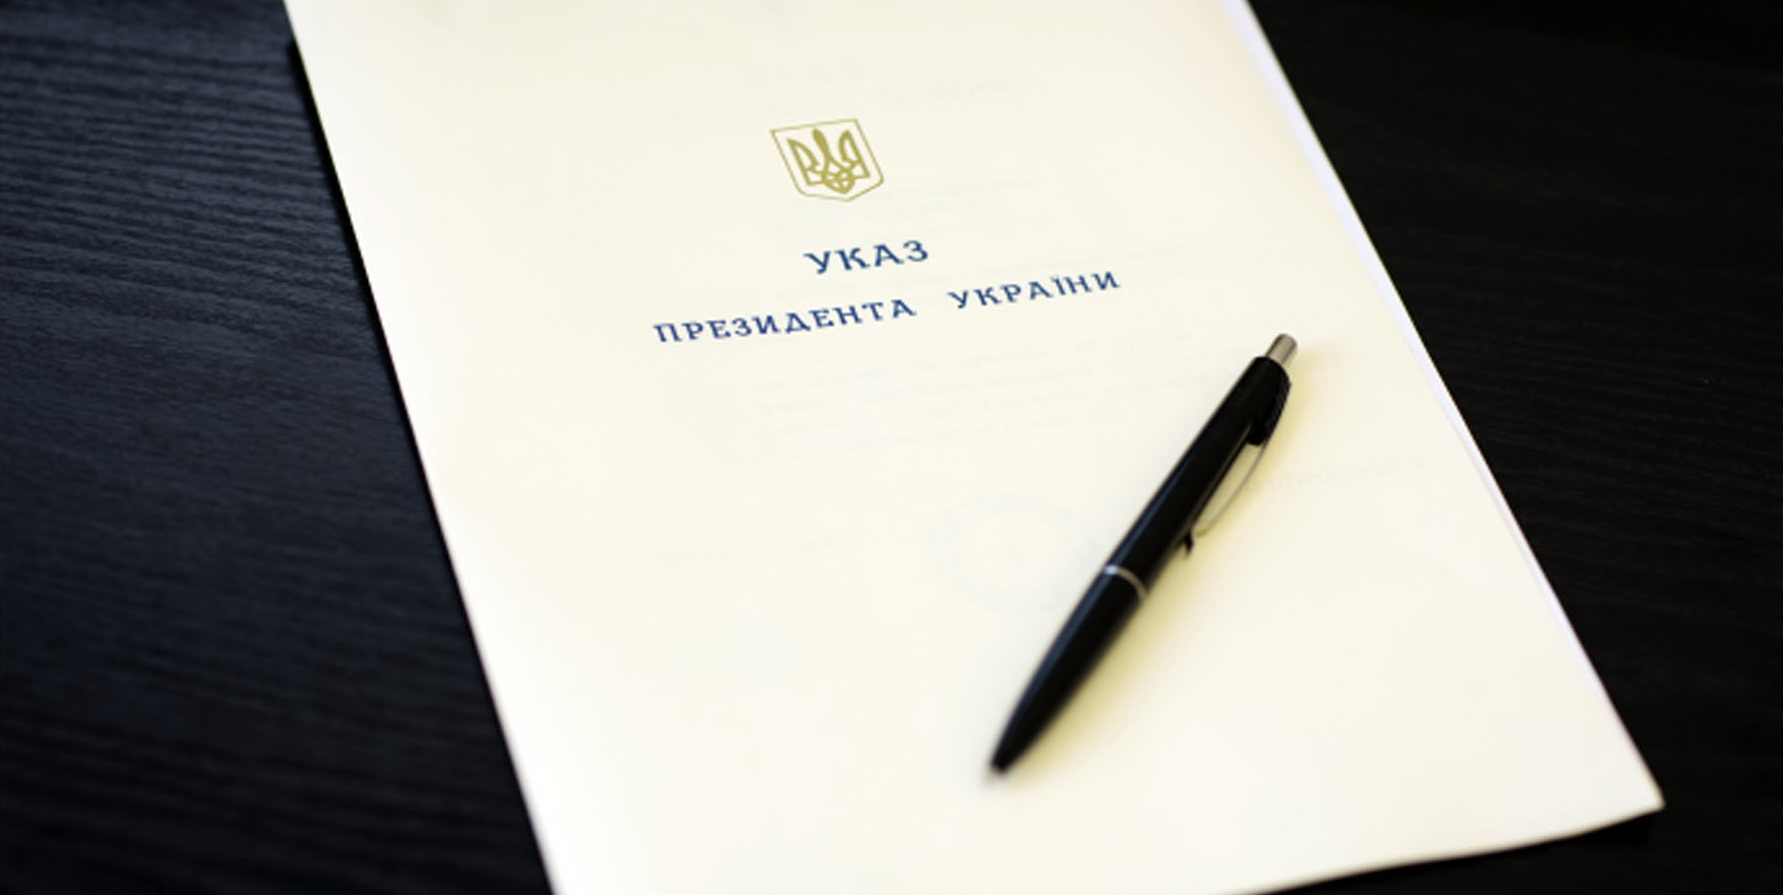 Президент Украины присвоил директору МИАН Сергею Шумило звание «Заслуженный работник культуры Украины»